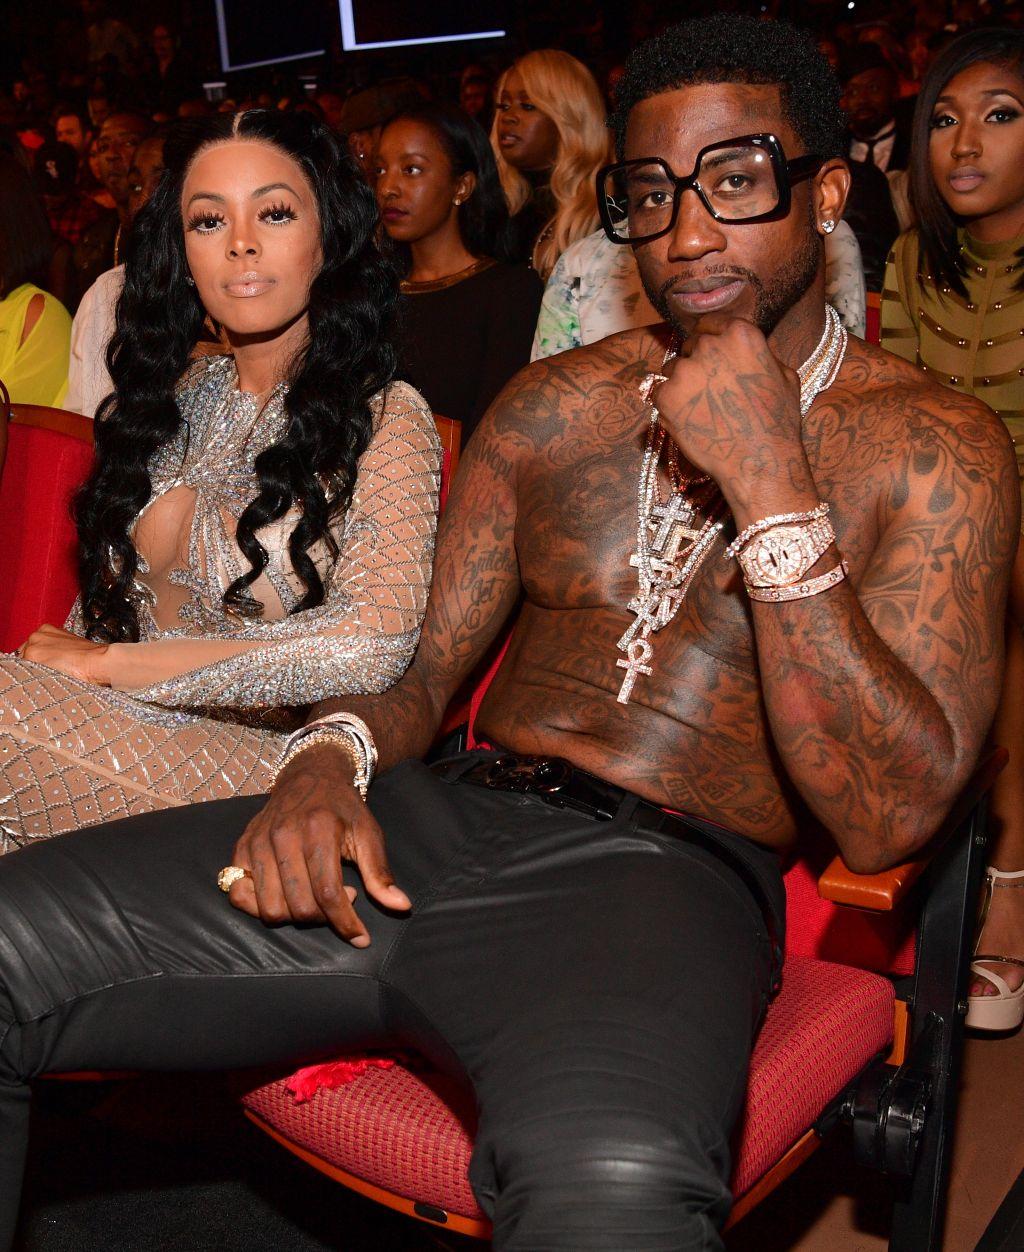 She Said Yes! Gucci Mane Proposes To Keyshia Ka'oir With A